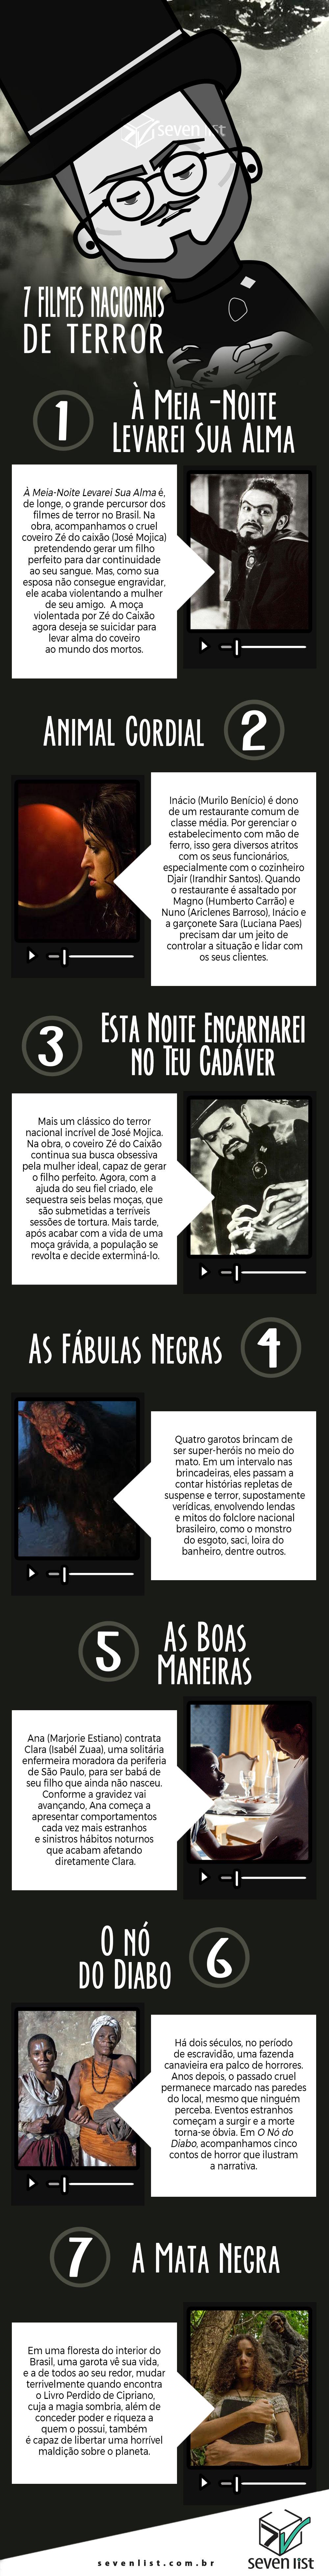 7 FILMES NACIONAIS DE TERROR - SEVEN LIST